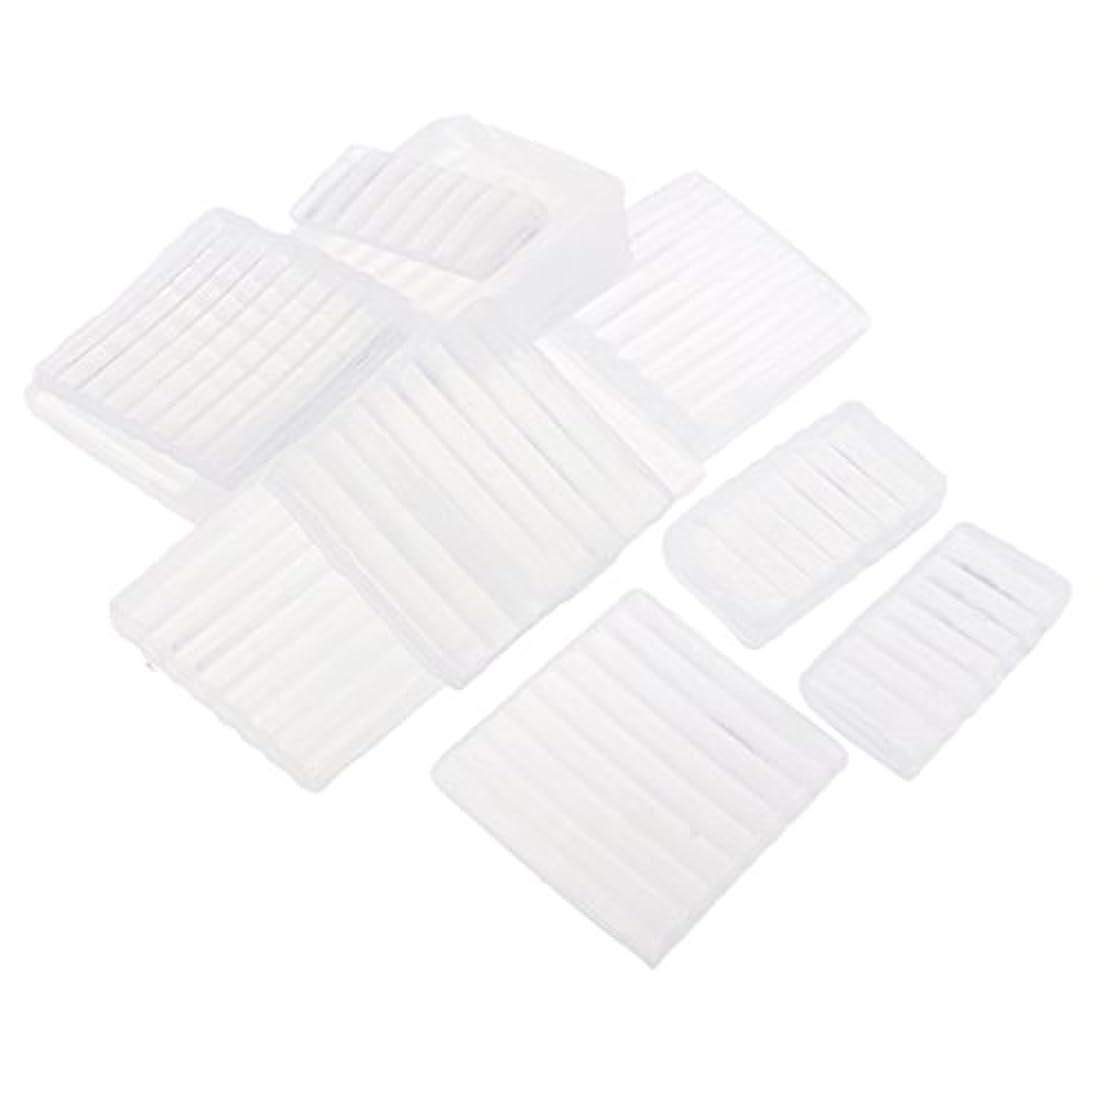 毎日クラフトタイプ透明 石鹸ベース せっけん DIY 手作り 石鹸作り 材料 白い石鹸ベース